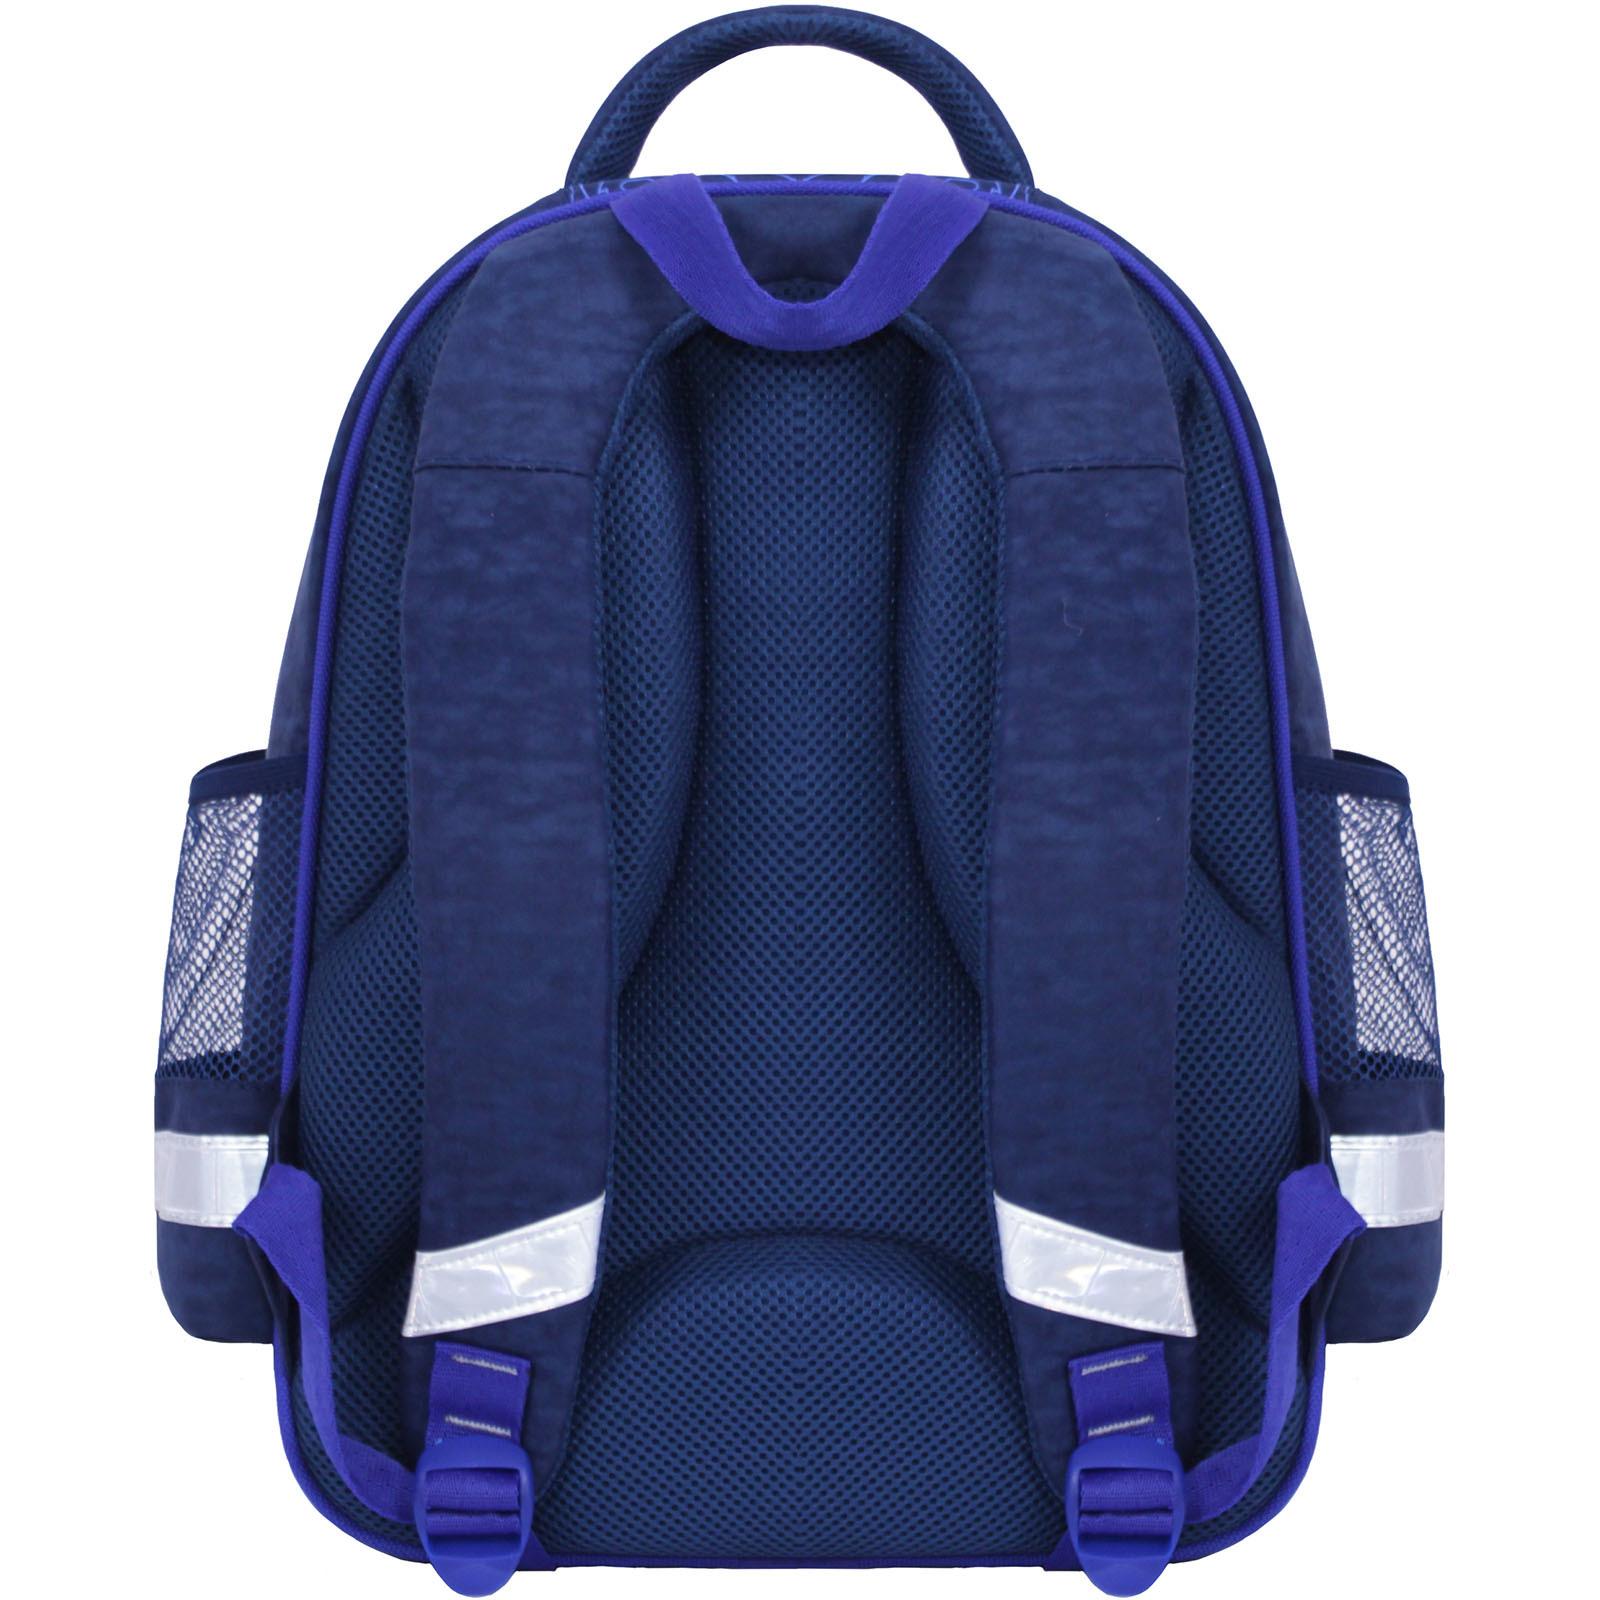 Рюкзак школьный Bagland Mouse 225 синий 248к (0051370) фото 3